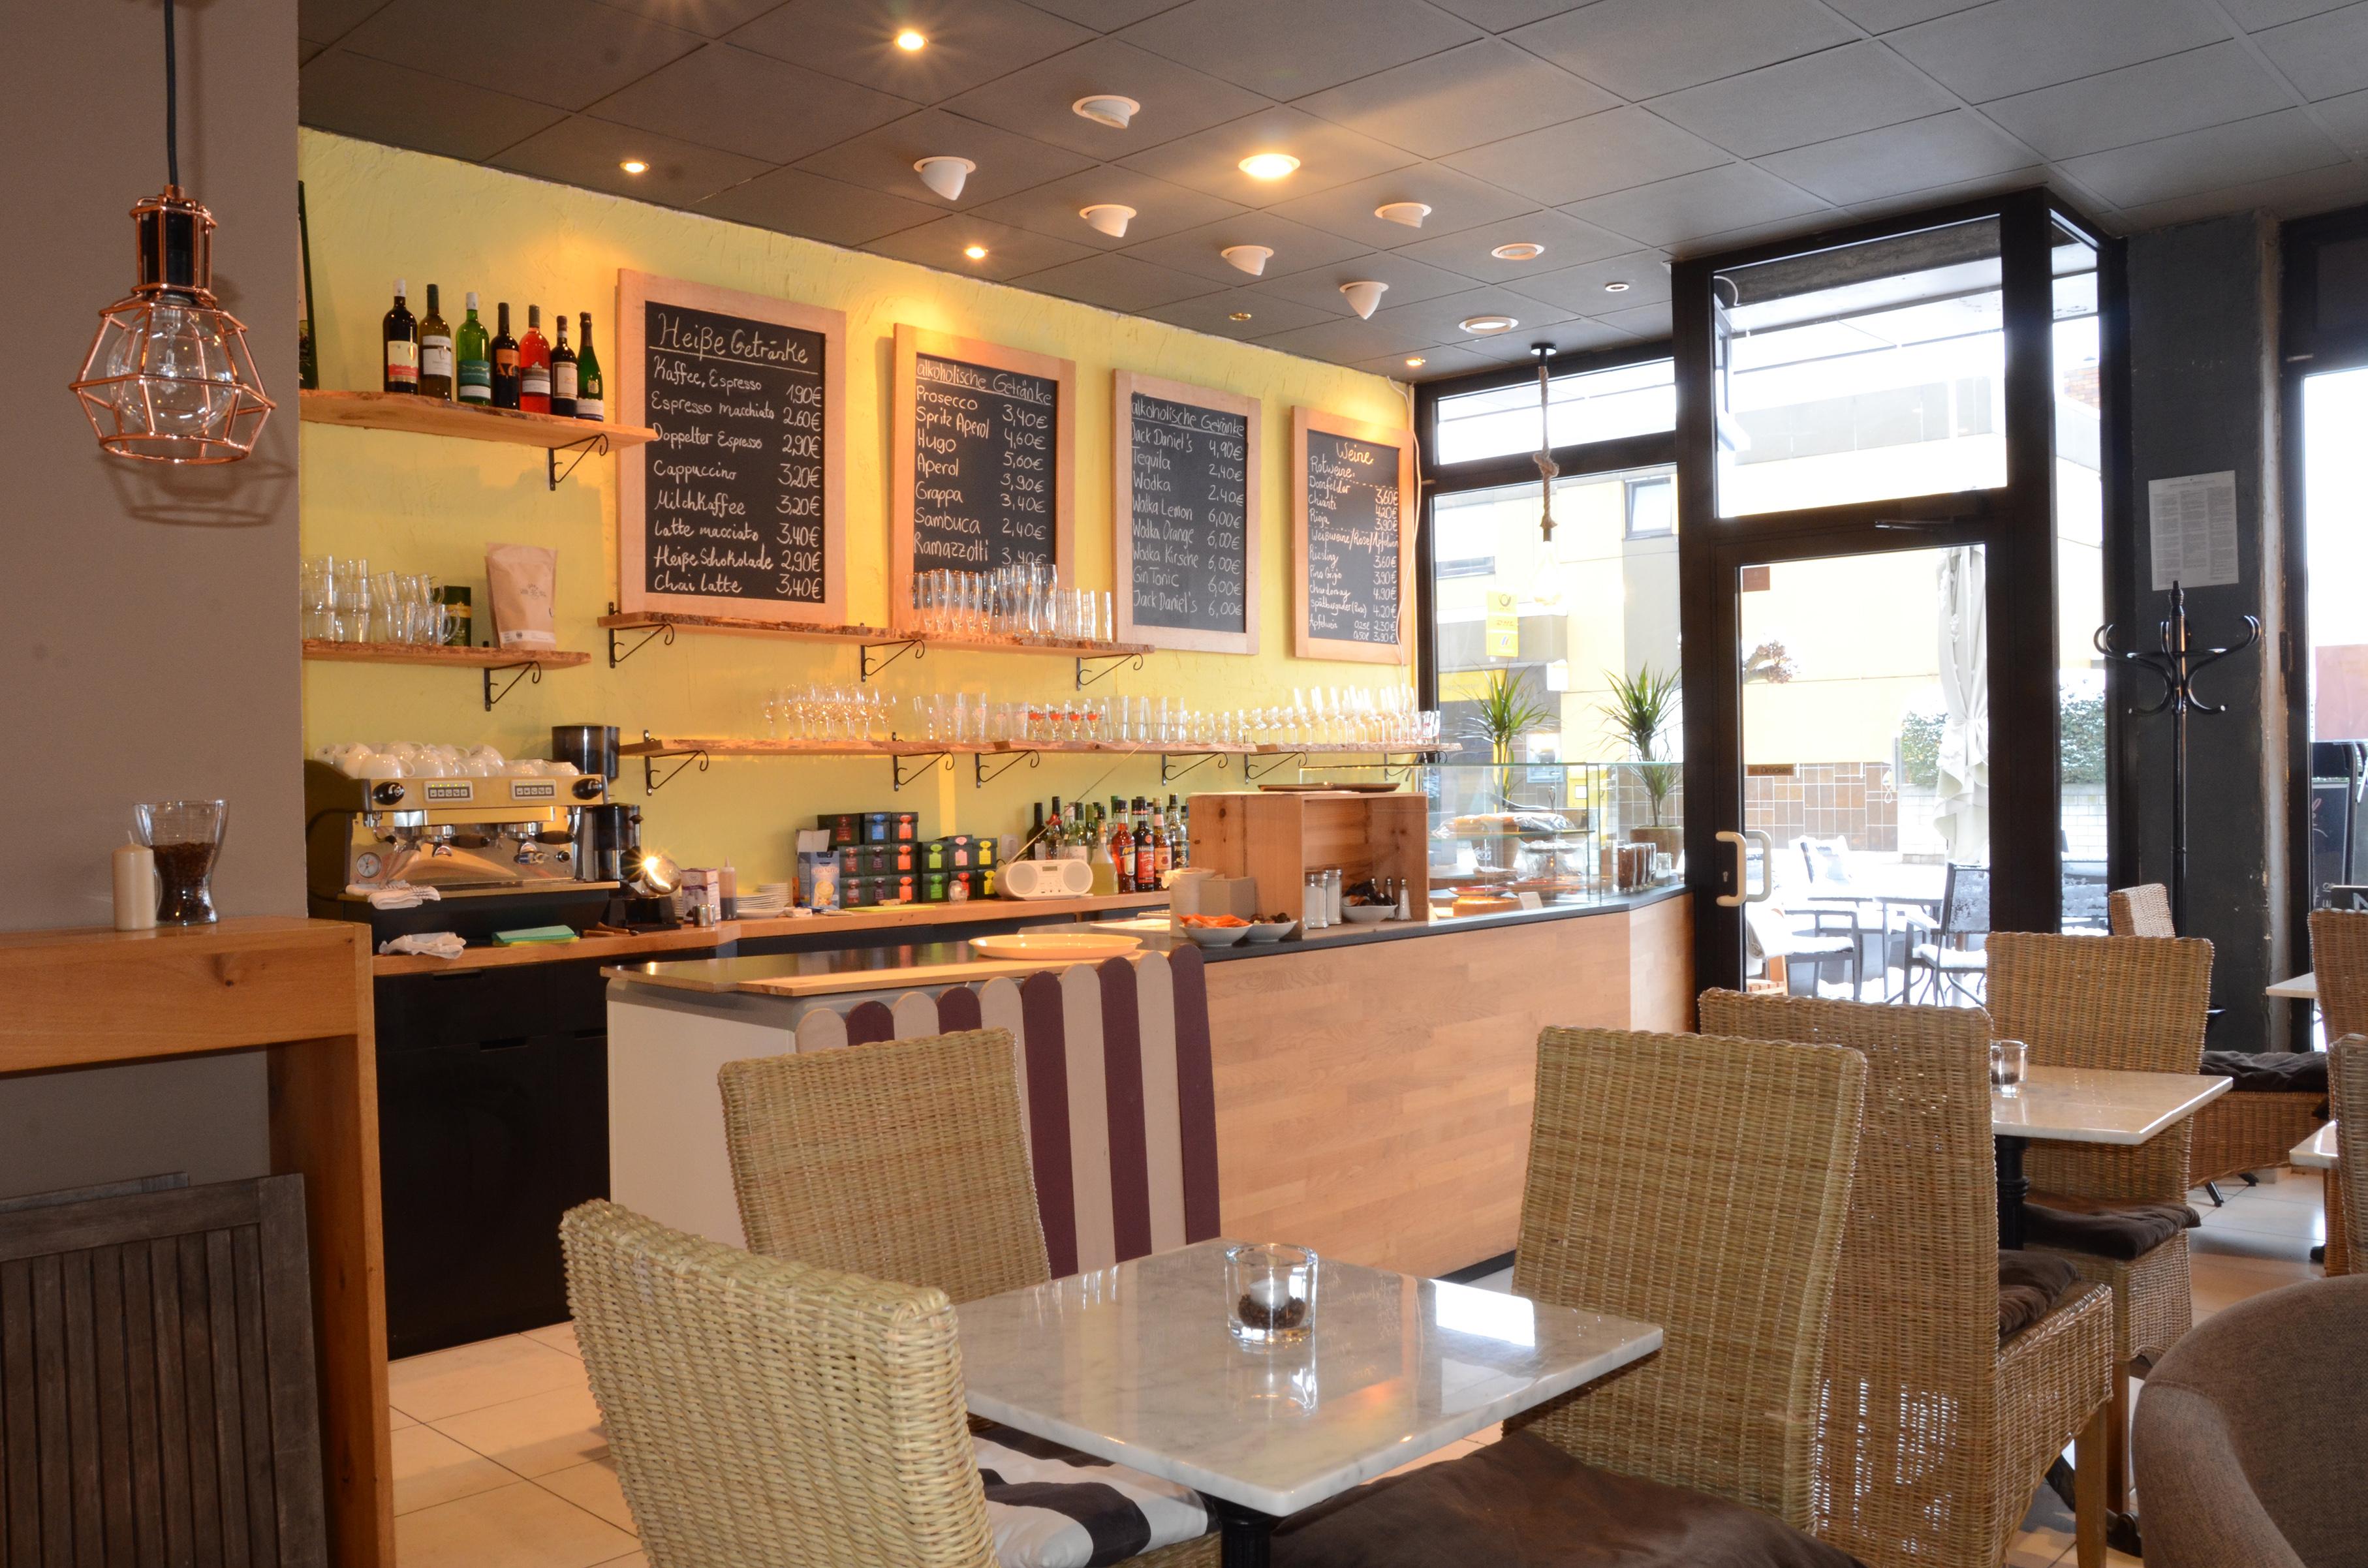 MP Cafe am Marktplatz